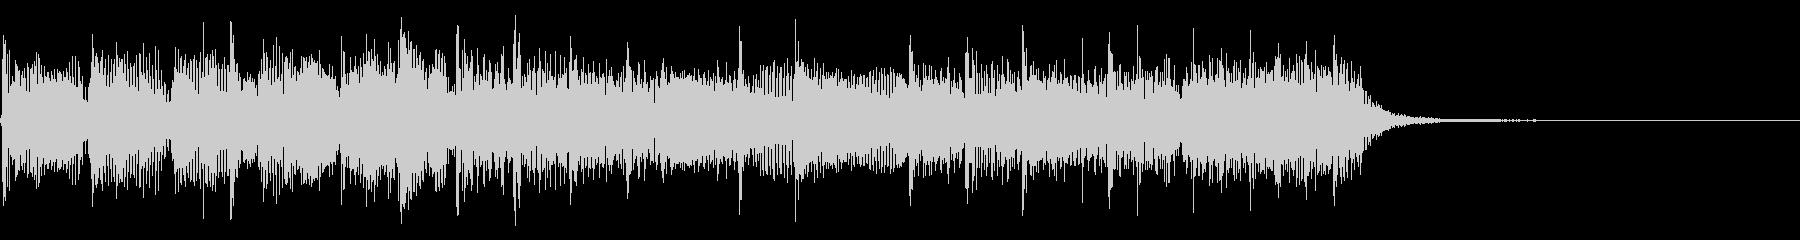 インパクトあるロックなジングル14の未再生の波形